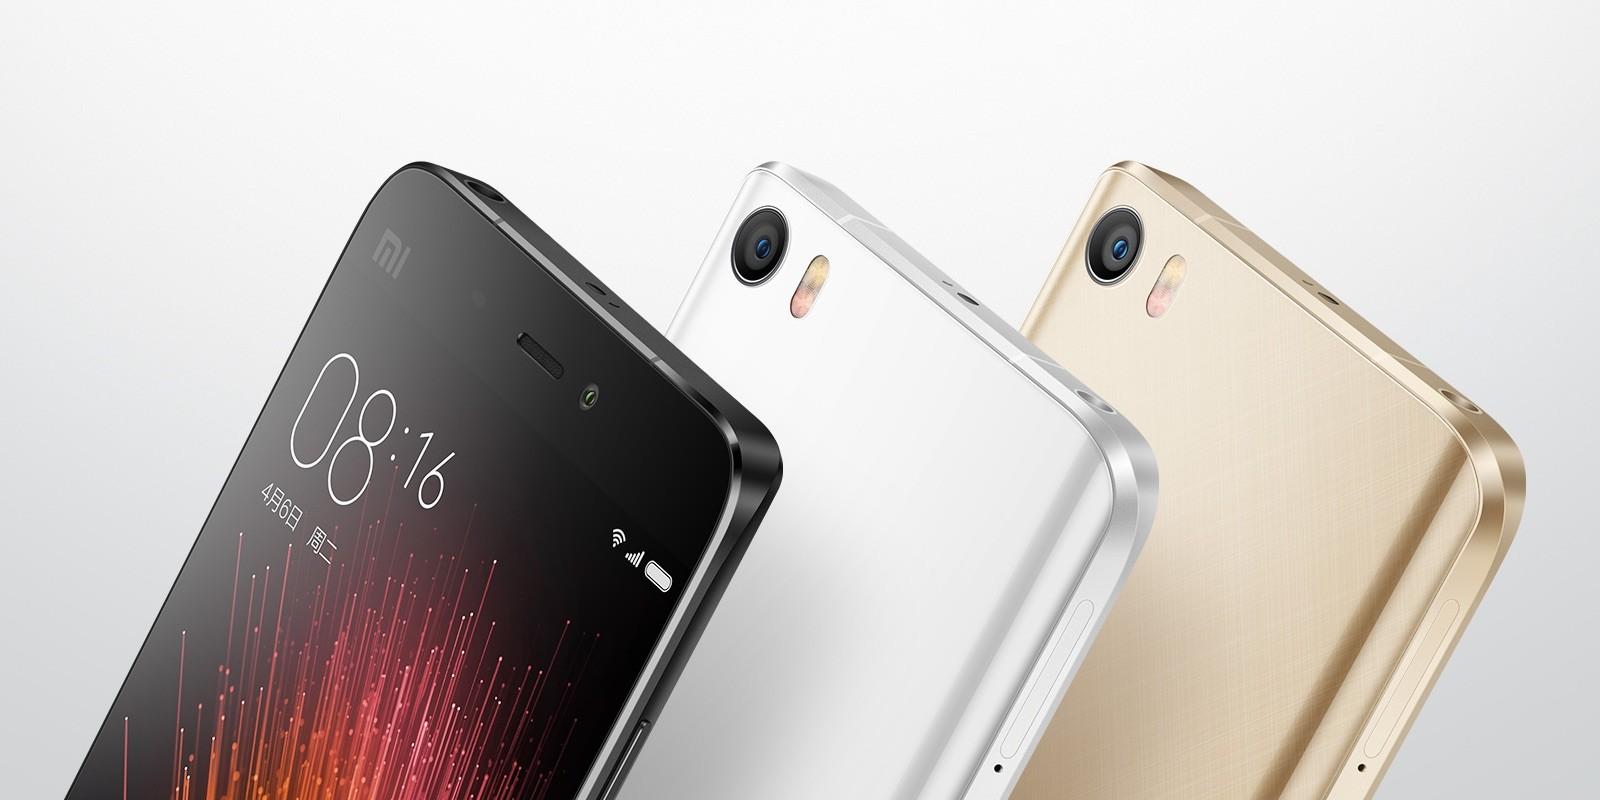 小米、新フラッグシップスマホ「Xiaomi Mi 5」と「Xiaomi 4S」を発表!指紋認証やVoLTE、CAに対応し、最上位 ...